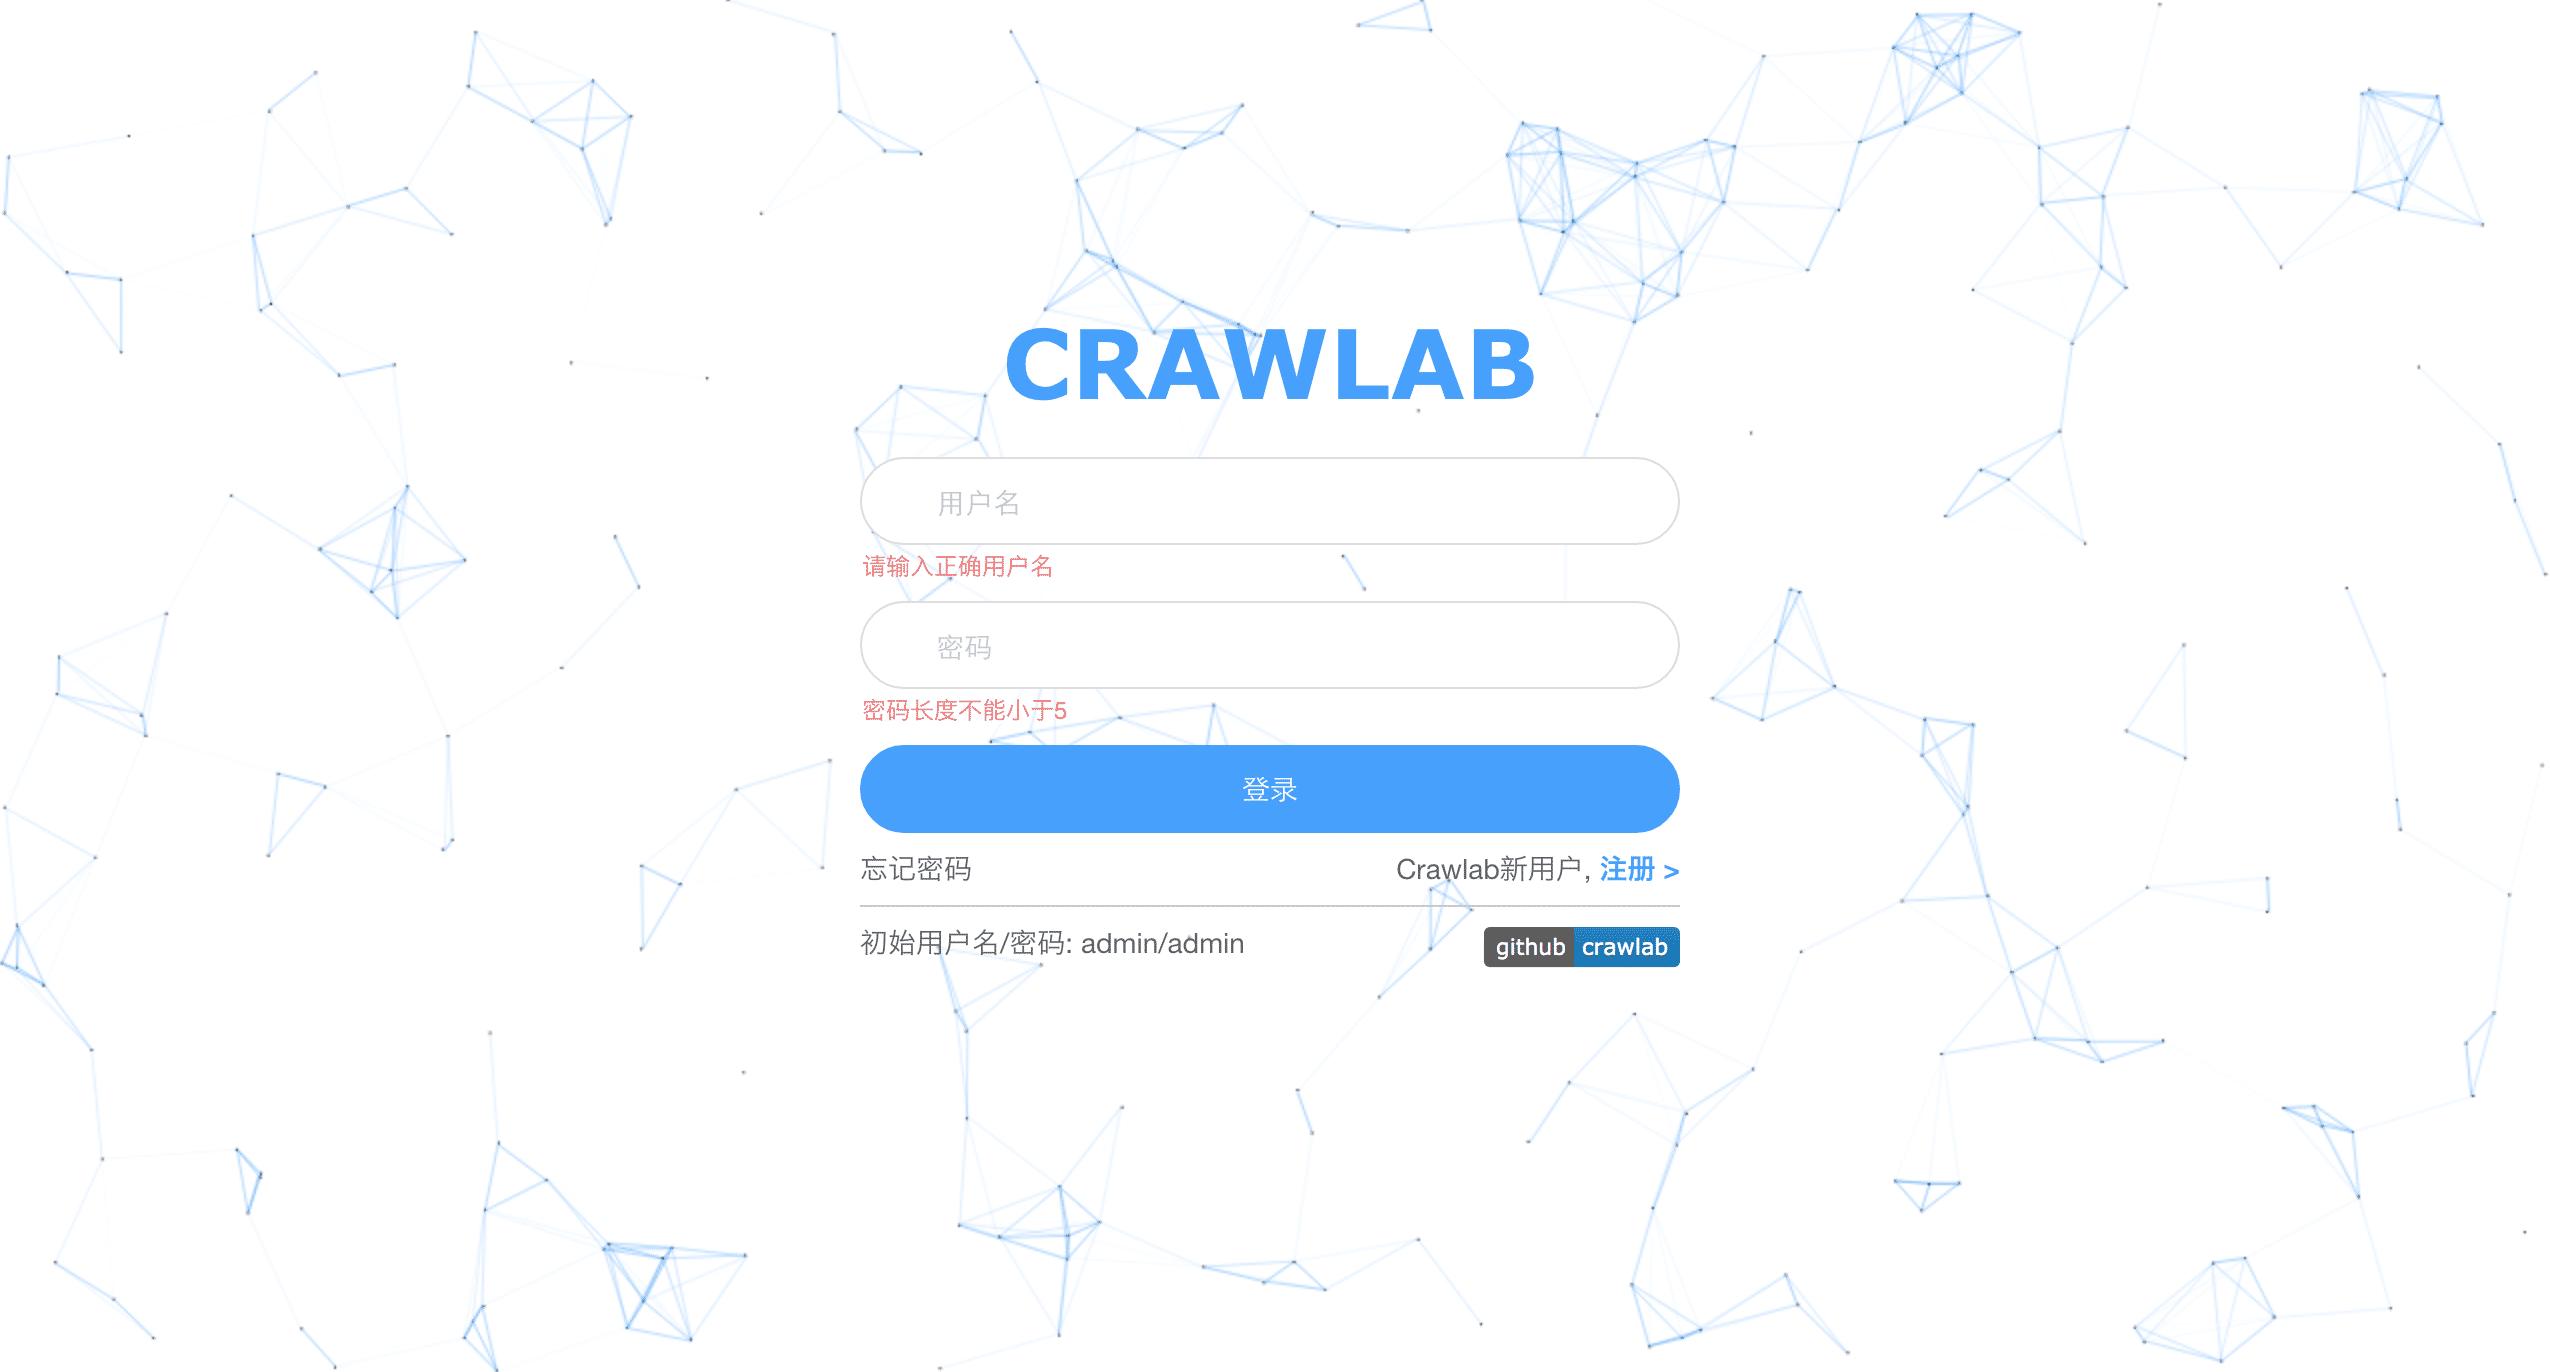 分布式爬虫管理平台 Crawlab